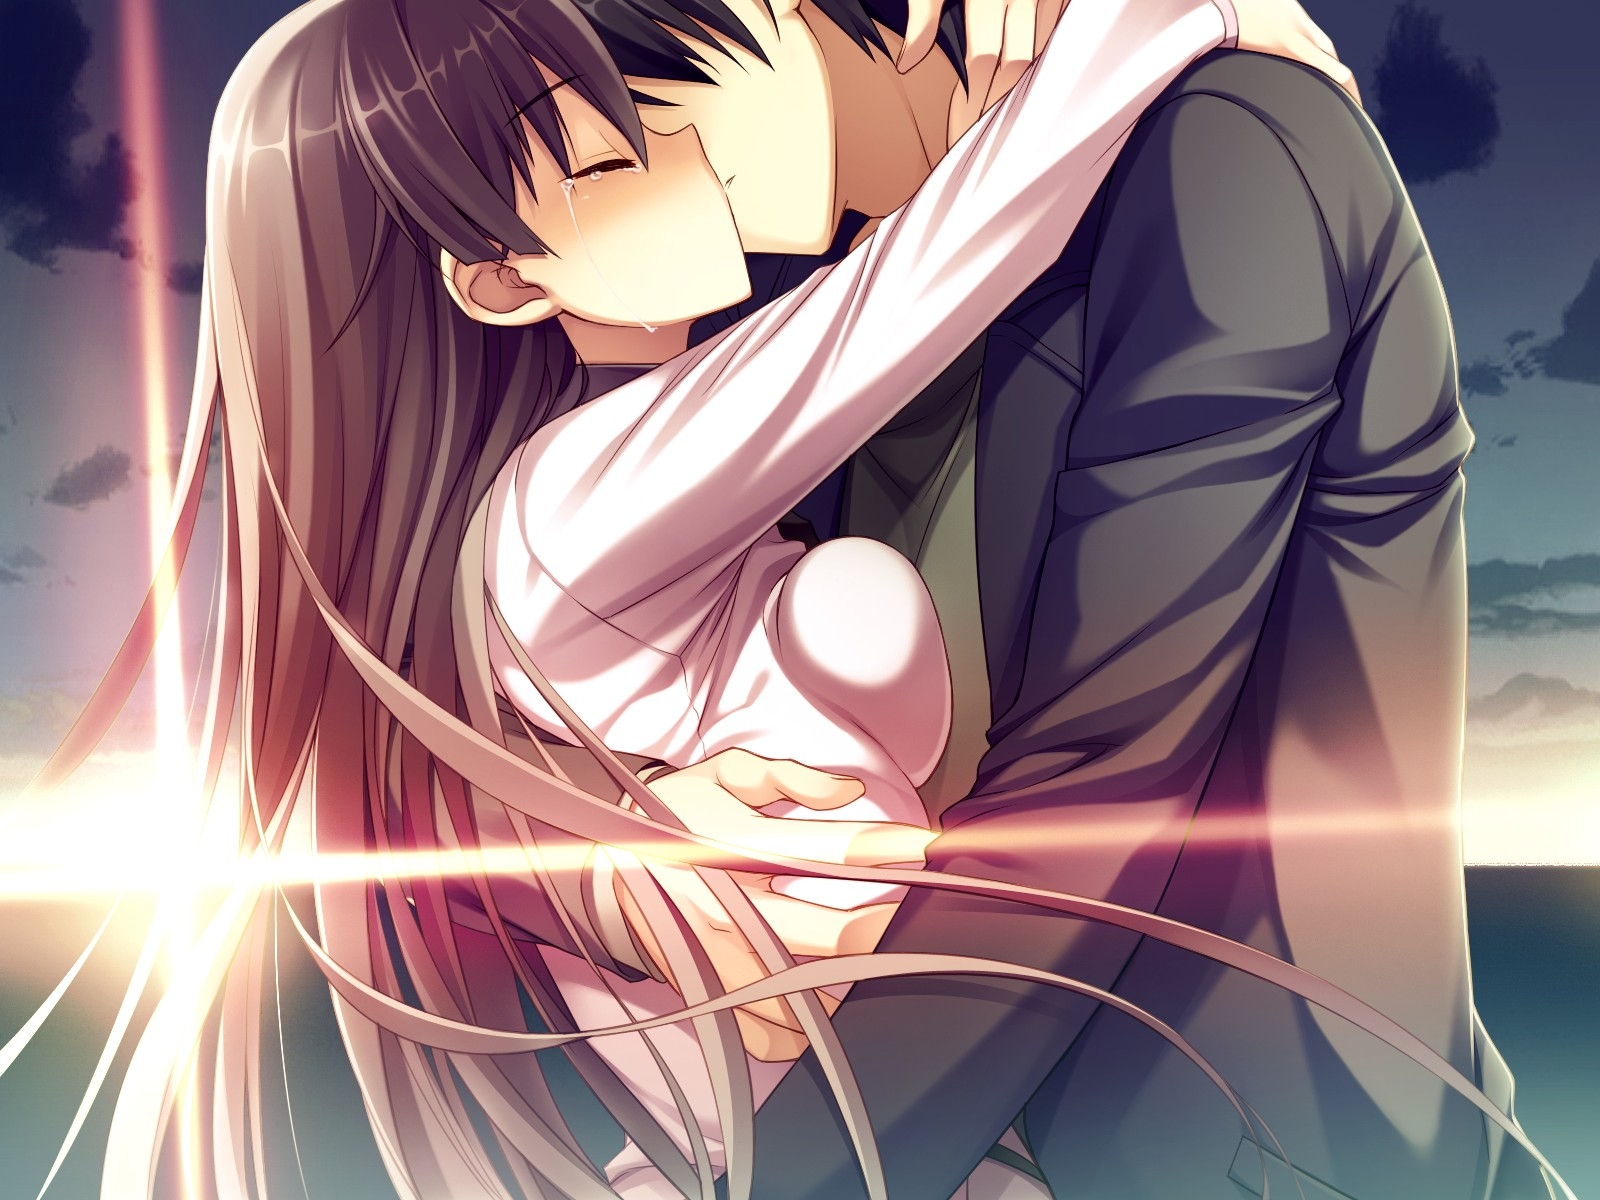 naked kissing Anime girls